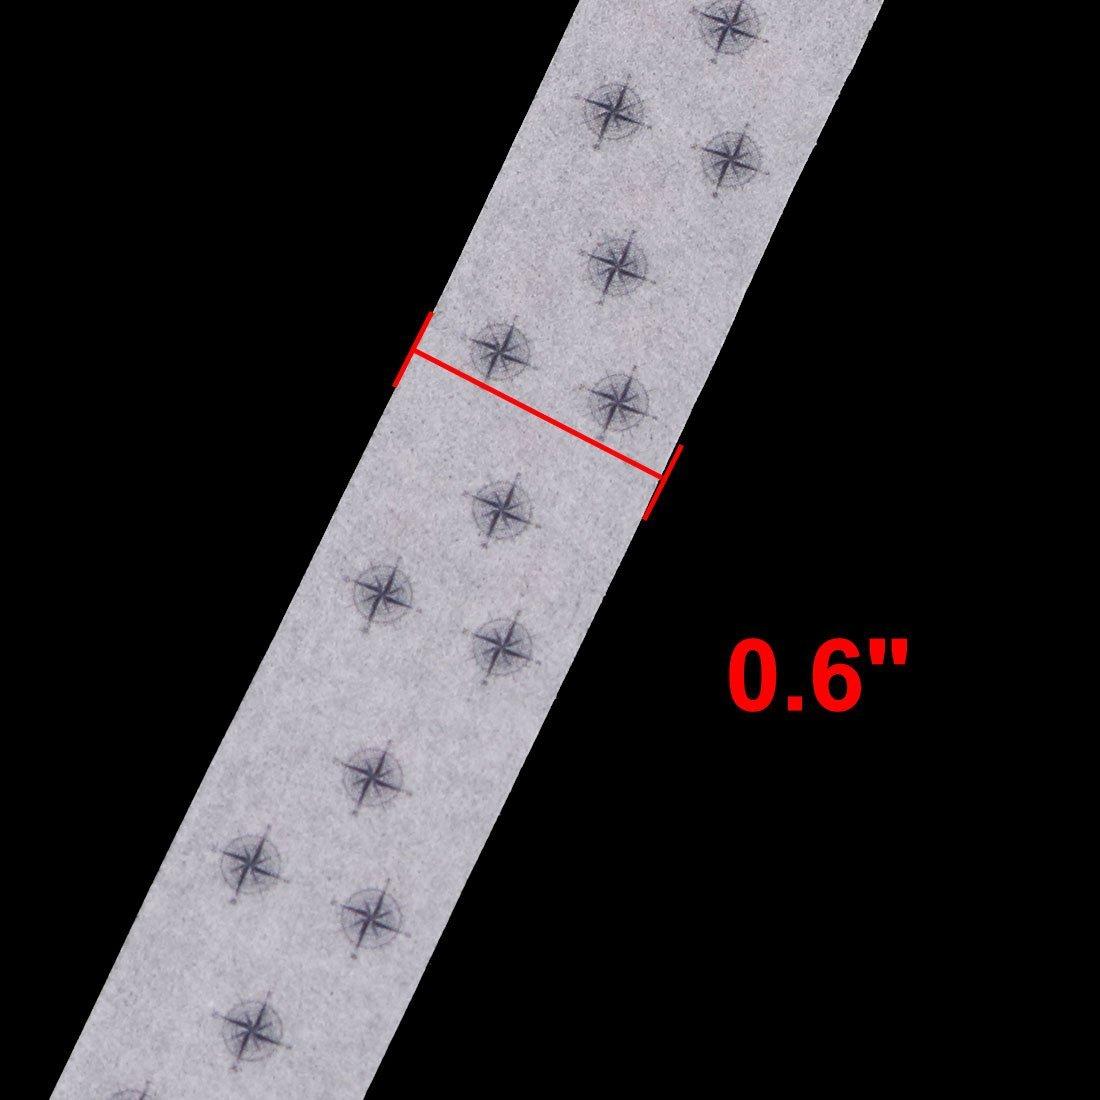 Amazon.com: eDealMax Washi compás de Papel de impresión del embalaje de Regalo DIY de la decoración de la Cinta del Rollo 10M Longitud 2pcs: Health ...